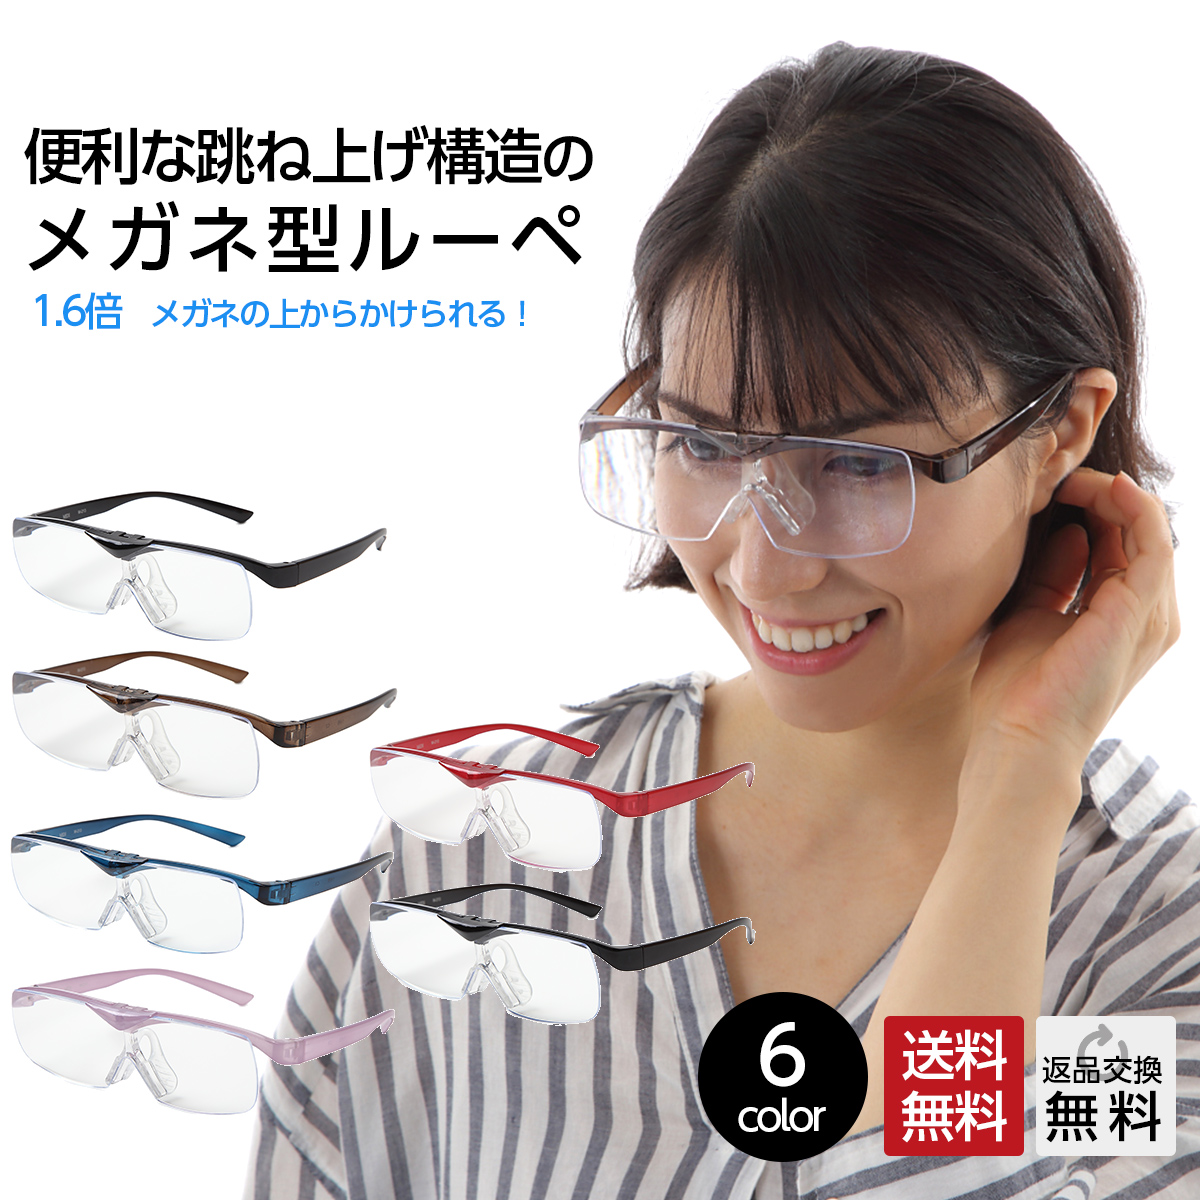 ☆送料無料☆ 当日発送可能 MIDIスタッフも多数愛用中の便利でスタイリッシュなルーペ 鯖江のメガネ屋さんが考えたこだわりルーペ MIDIルーペ メガネの上からかけられるルーペ 1.6倍 跳ね上げ 低価格 おしゃれ メガネルーペ 拡大鏡 メガネ型 メガネ型ルーペ ルーペメガネ 6カラー